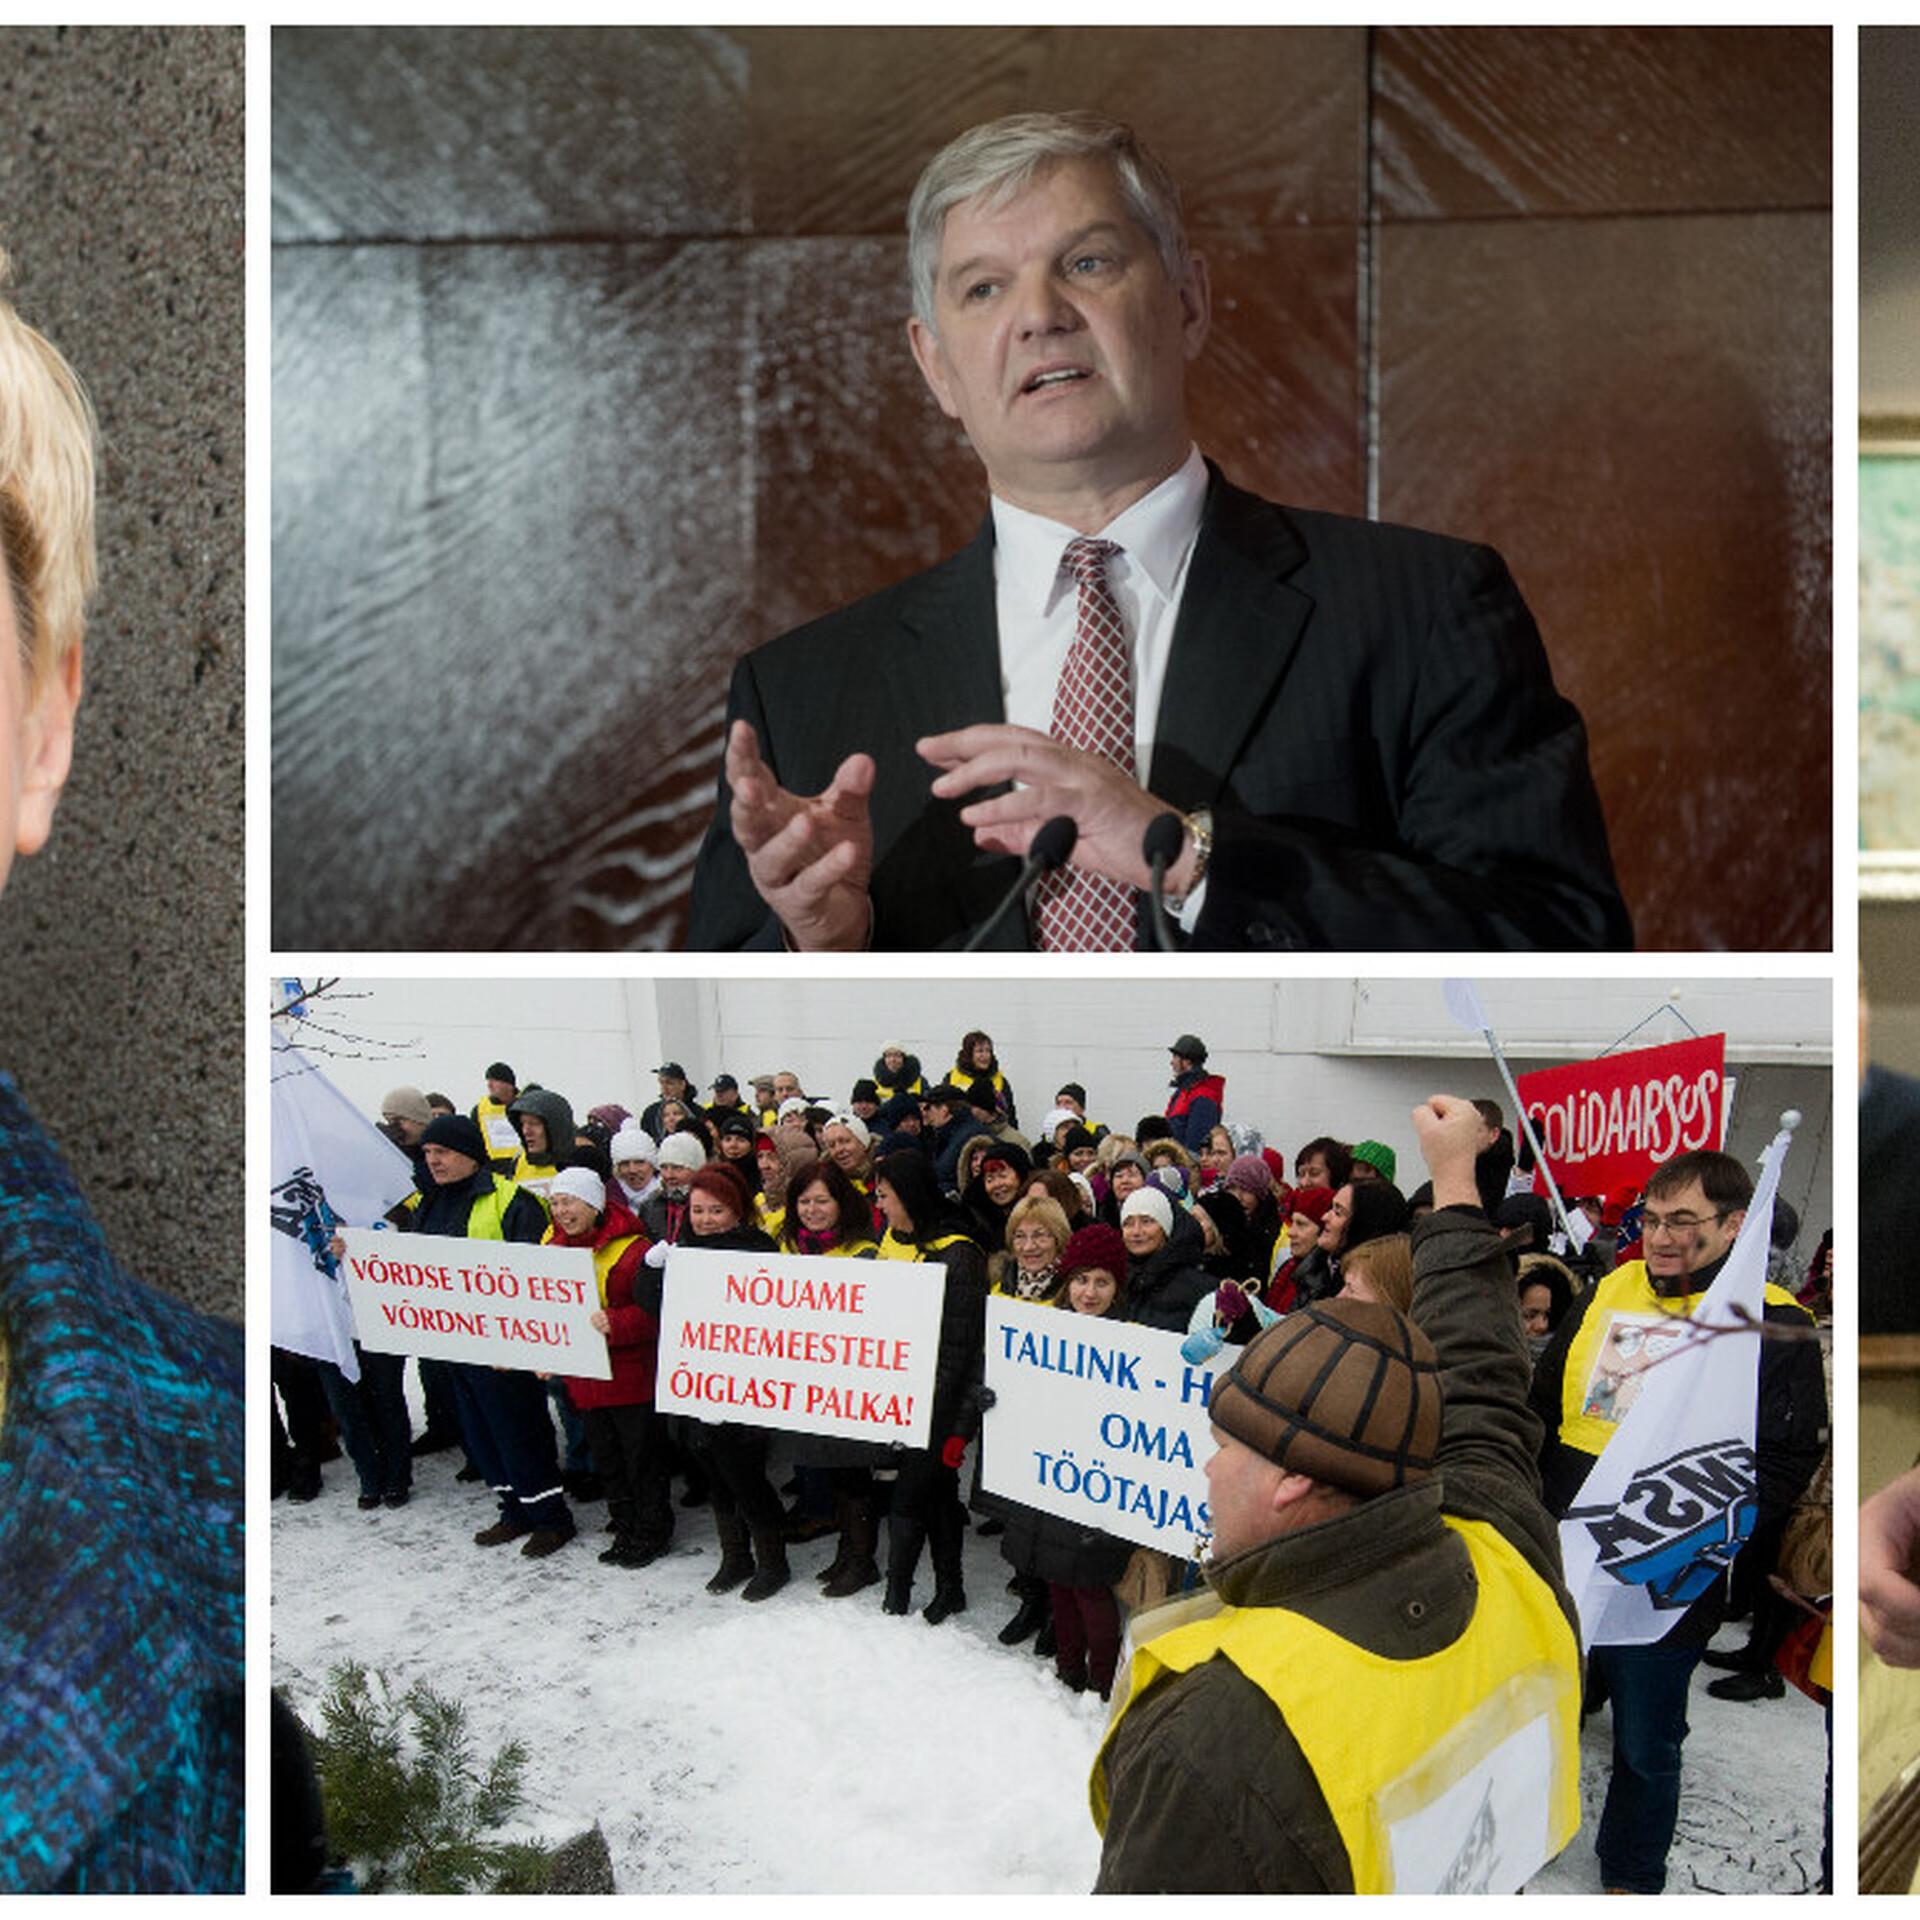 dfbd9127fa7 ERR.ee näitab homme arutelu: riiklik lepitaja kui avaliku ruumi korrastaja  | Eesti | ERR